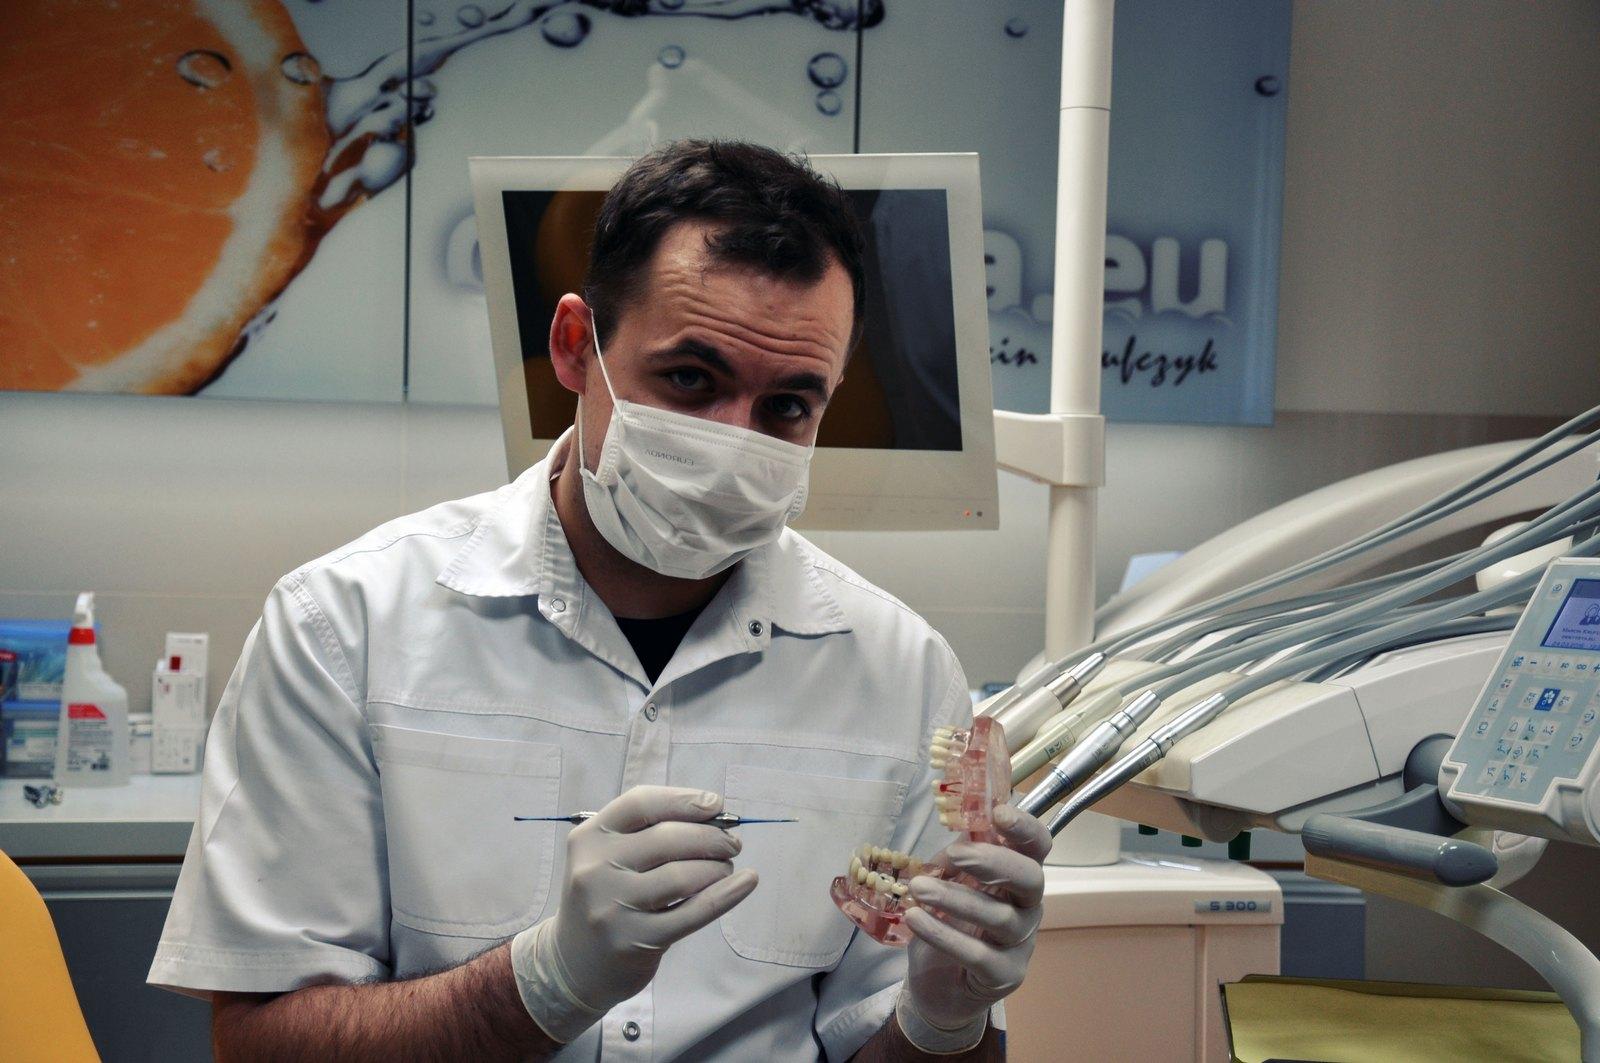 umawiać się z moim dentystą serwisy randkowe w Nigerii single